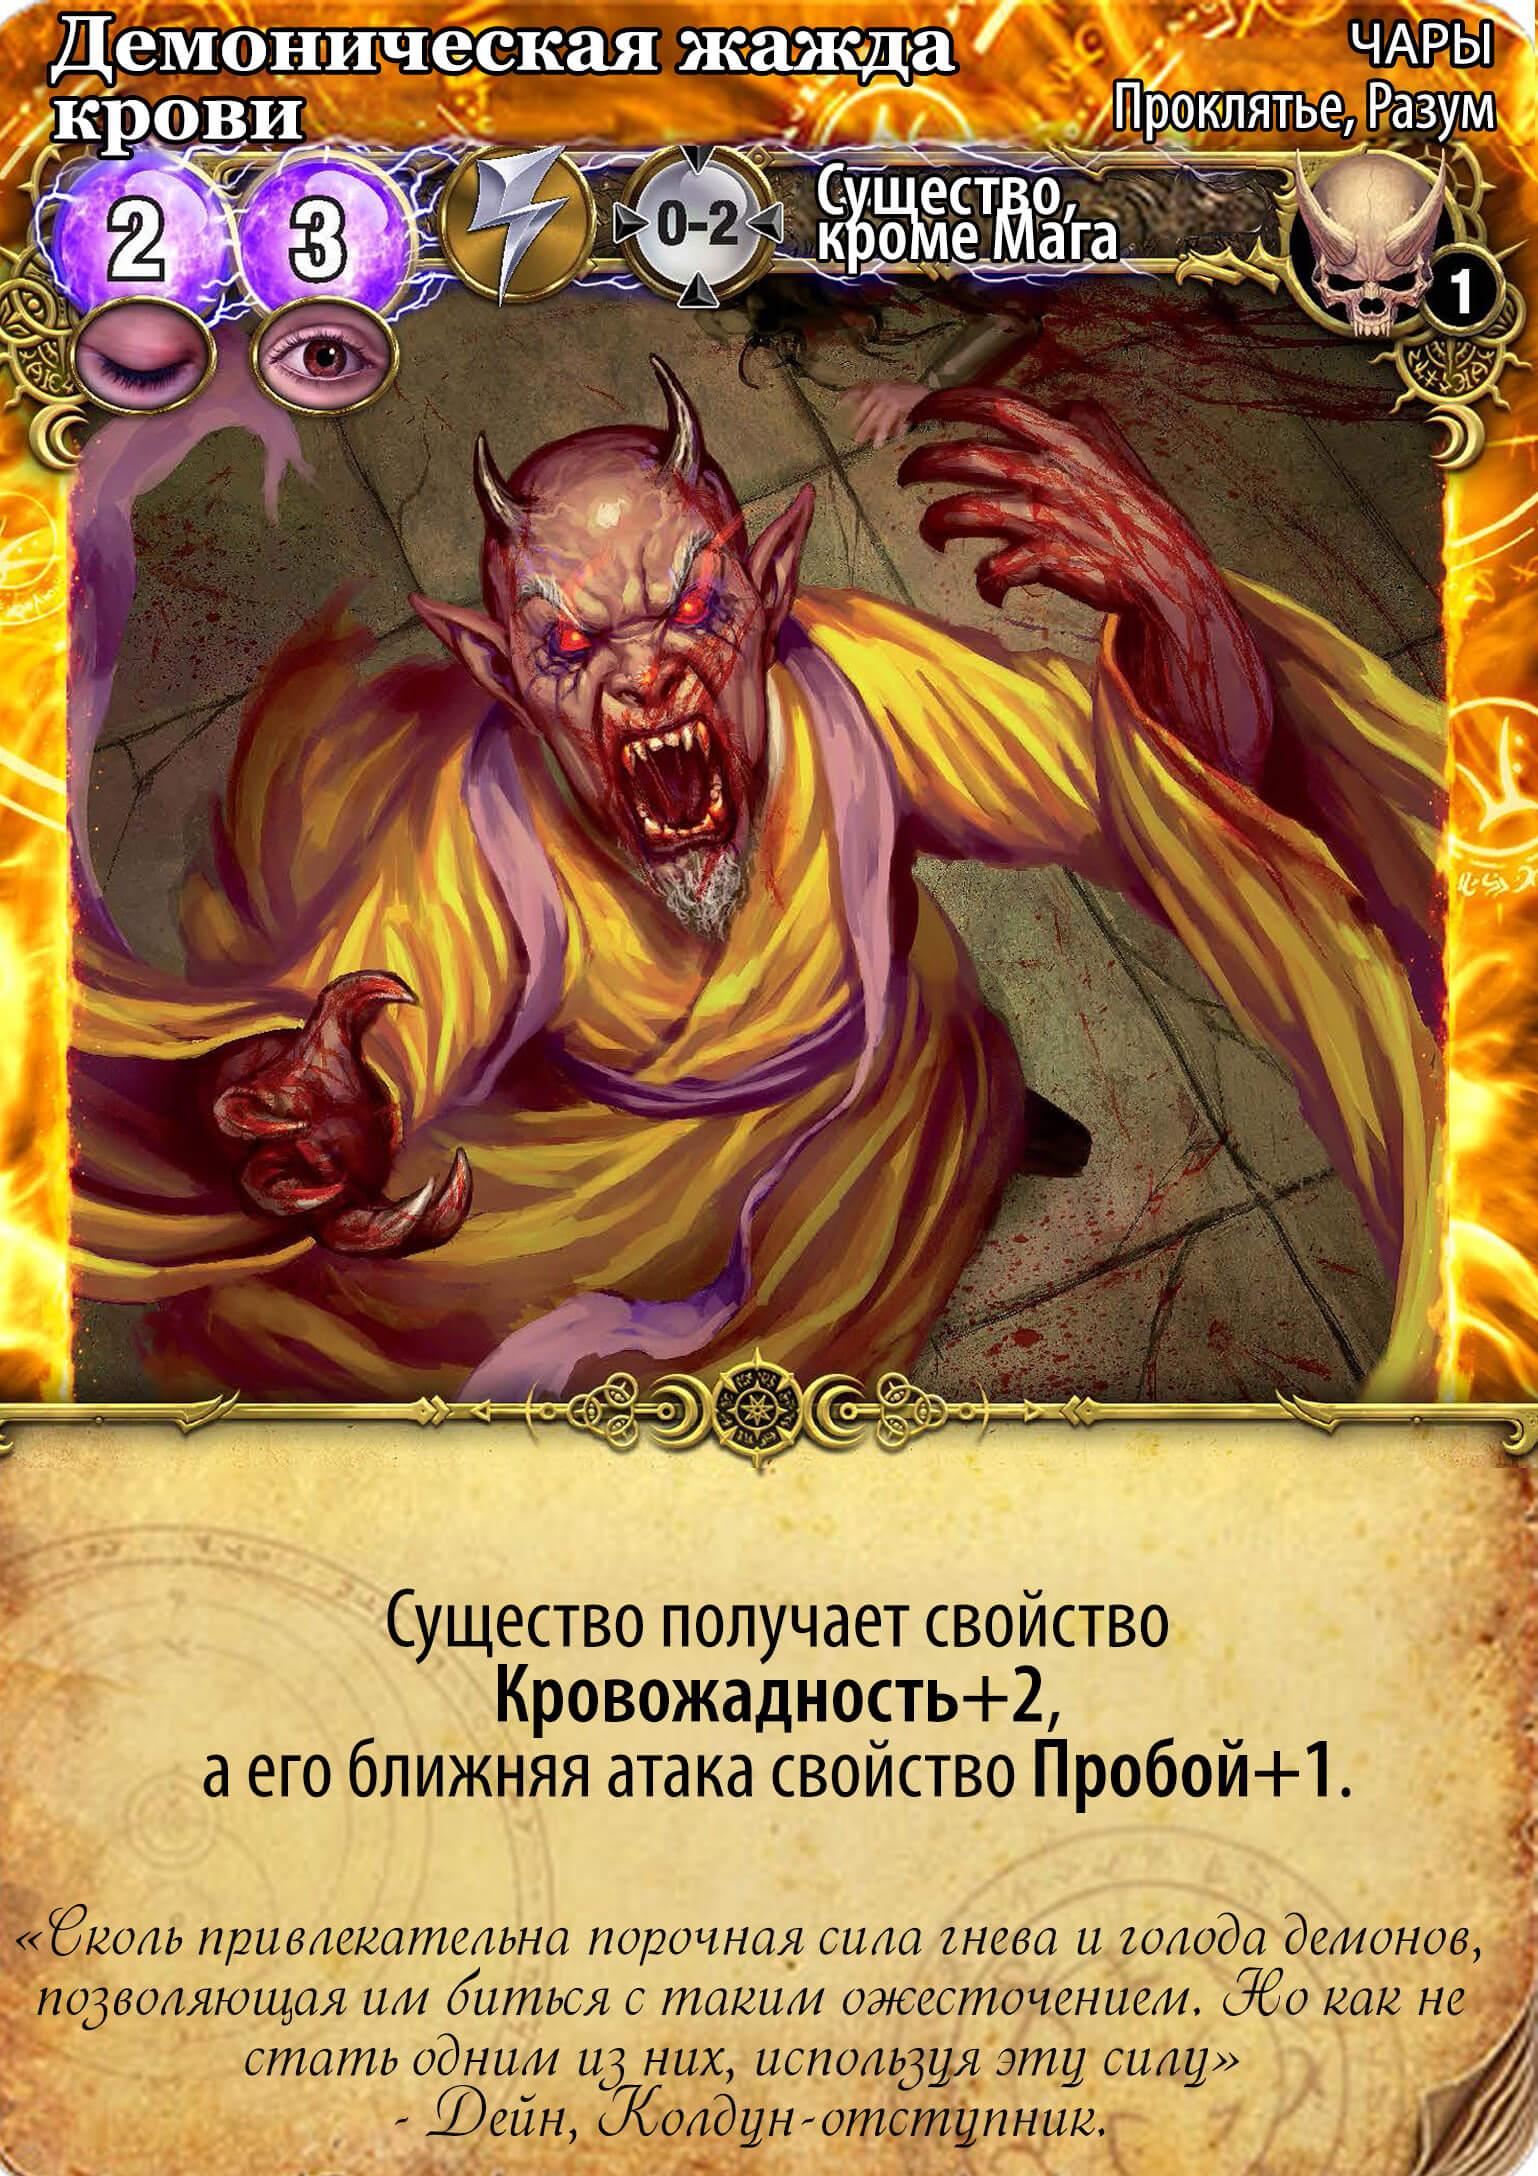 Демоническая жажда крови